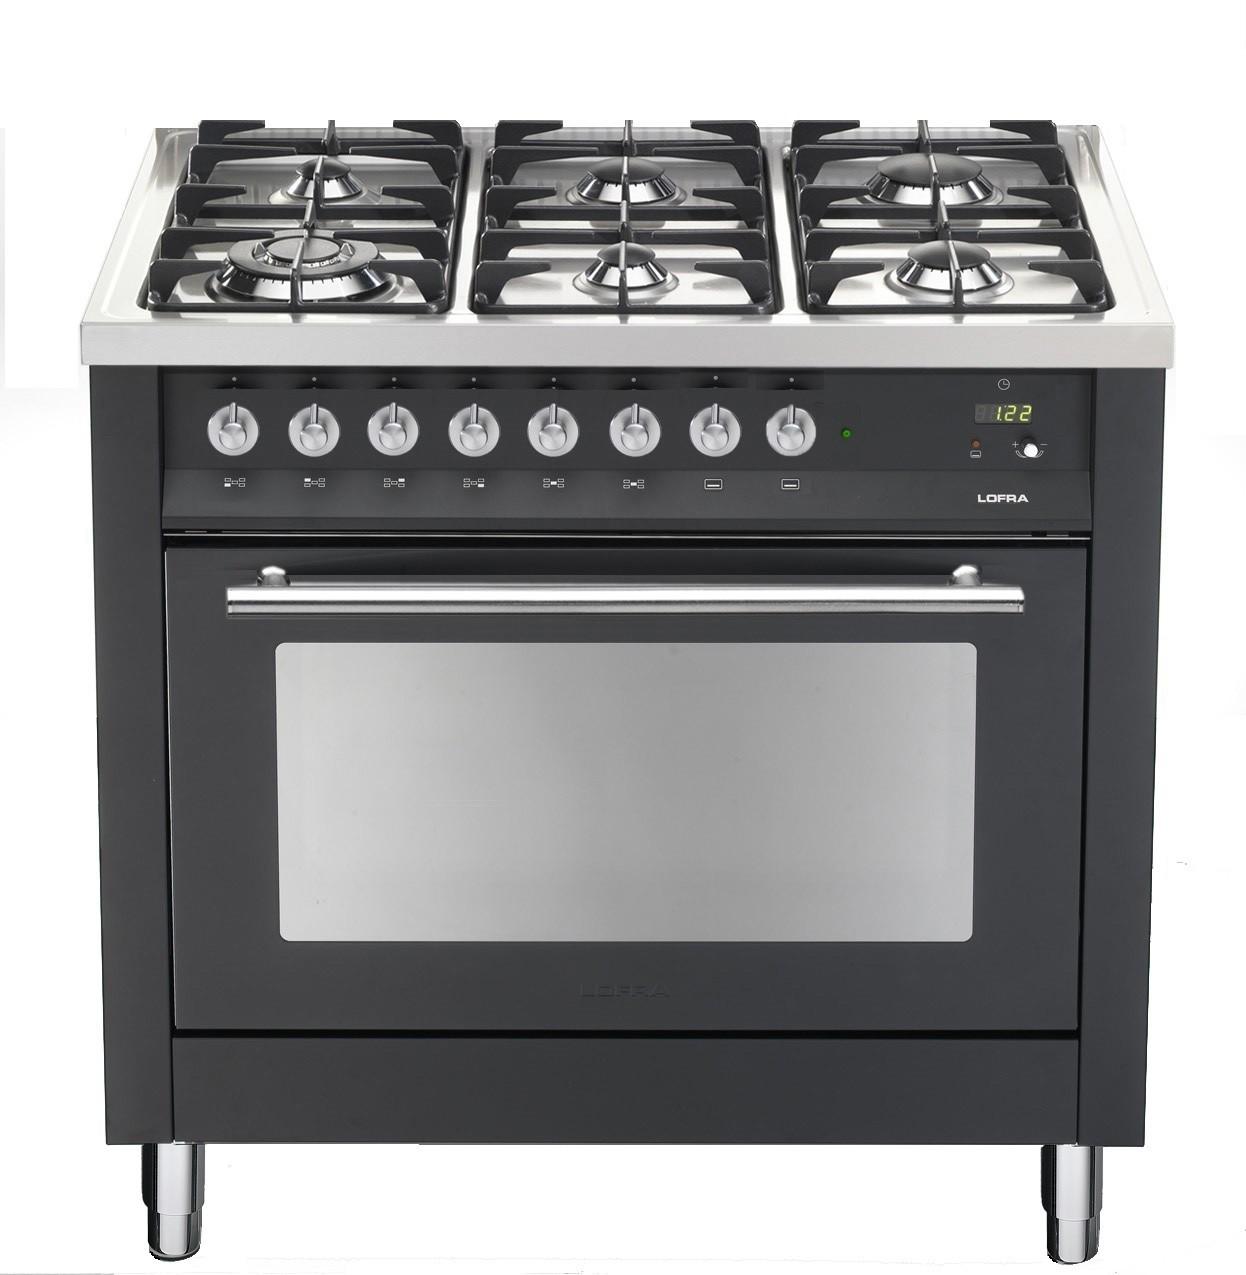 Goede Lofra fornuizen 100% Italiaans design - UW-keuken.nl LH-36